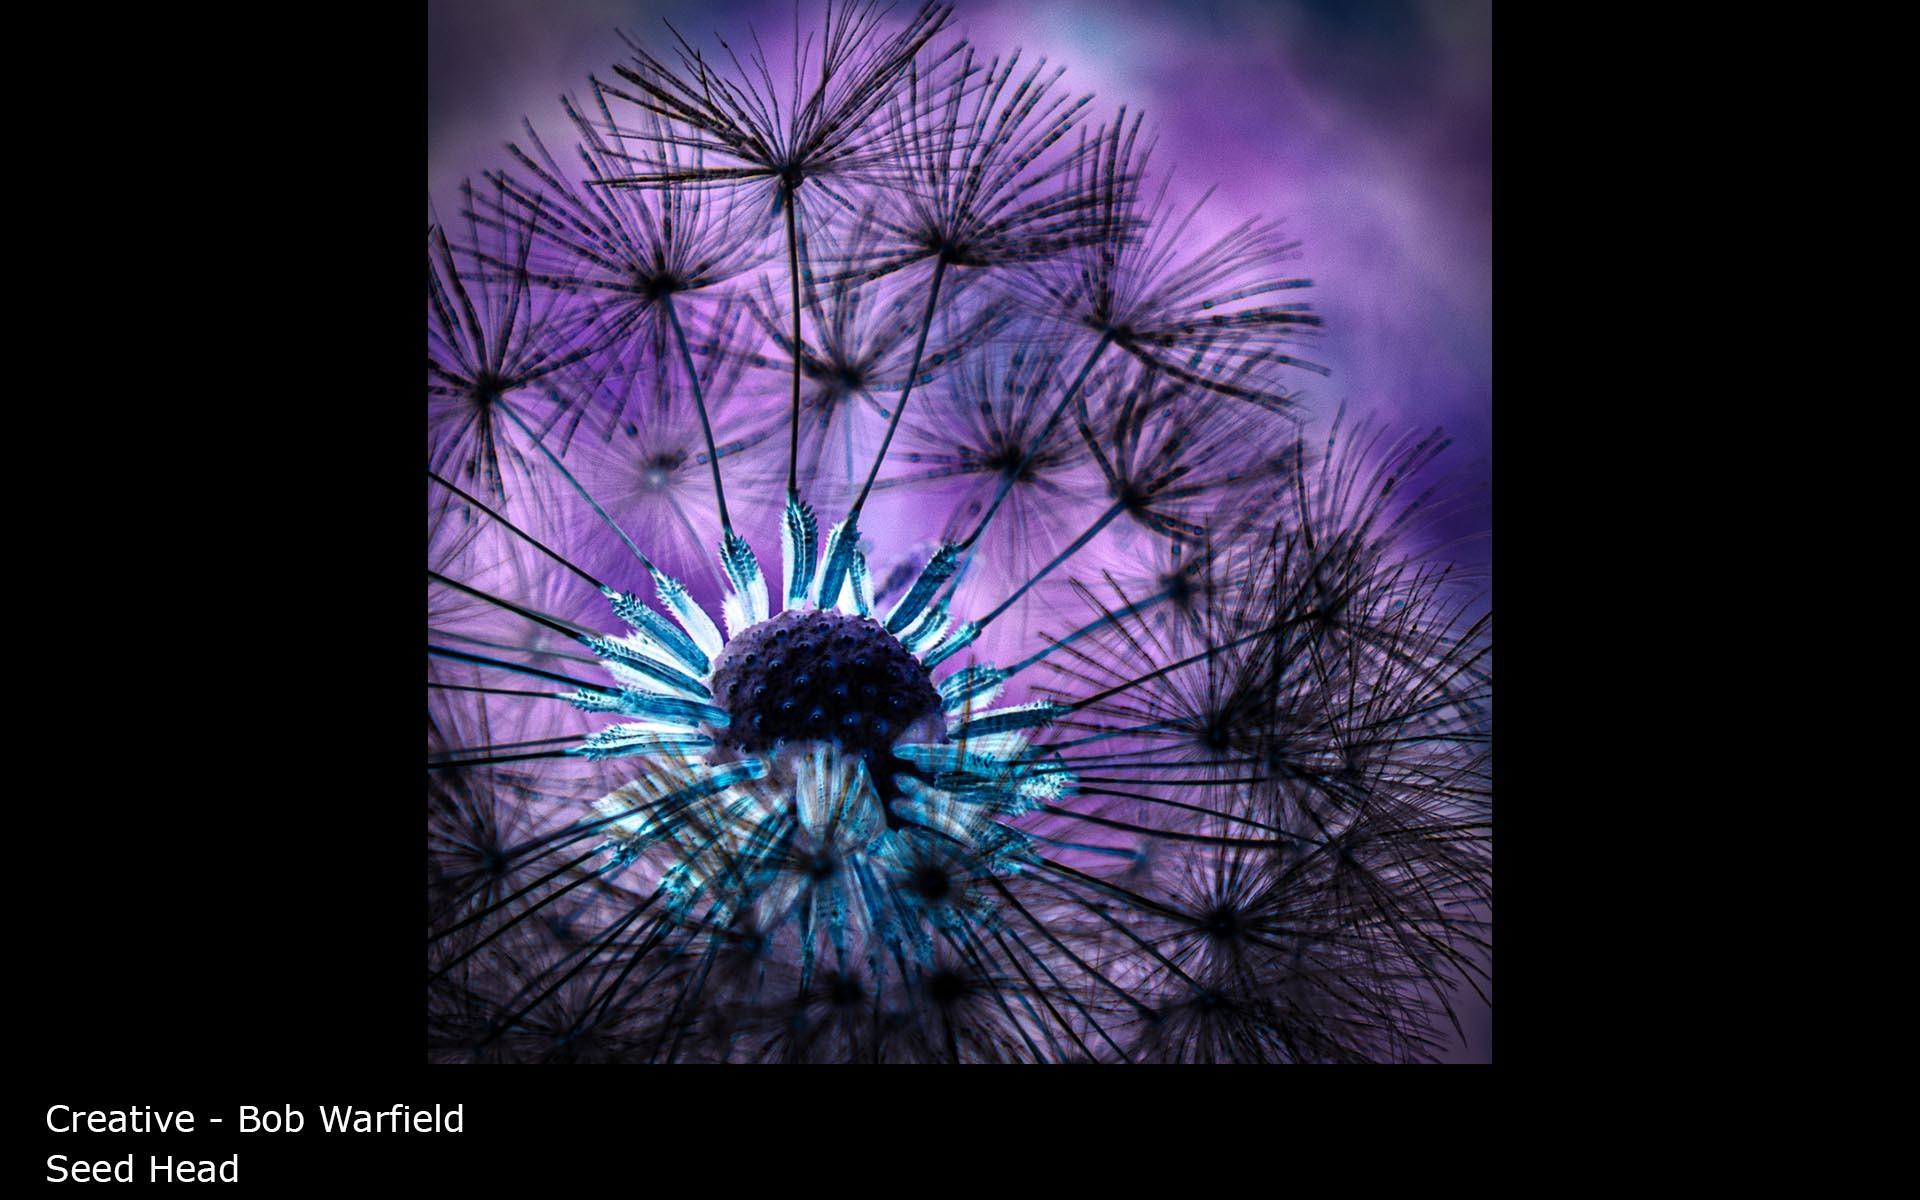 Seed Head - Bob Warfield